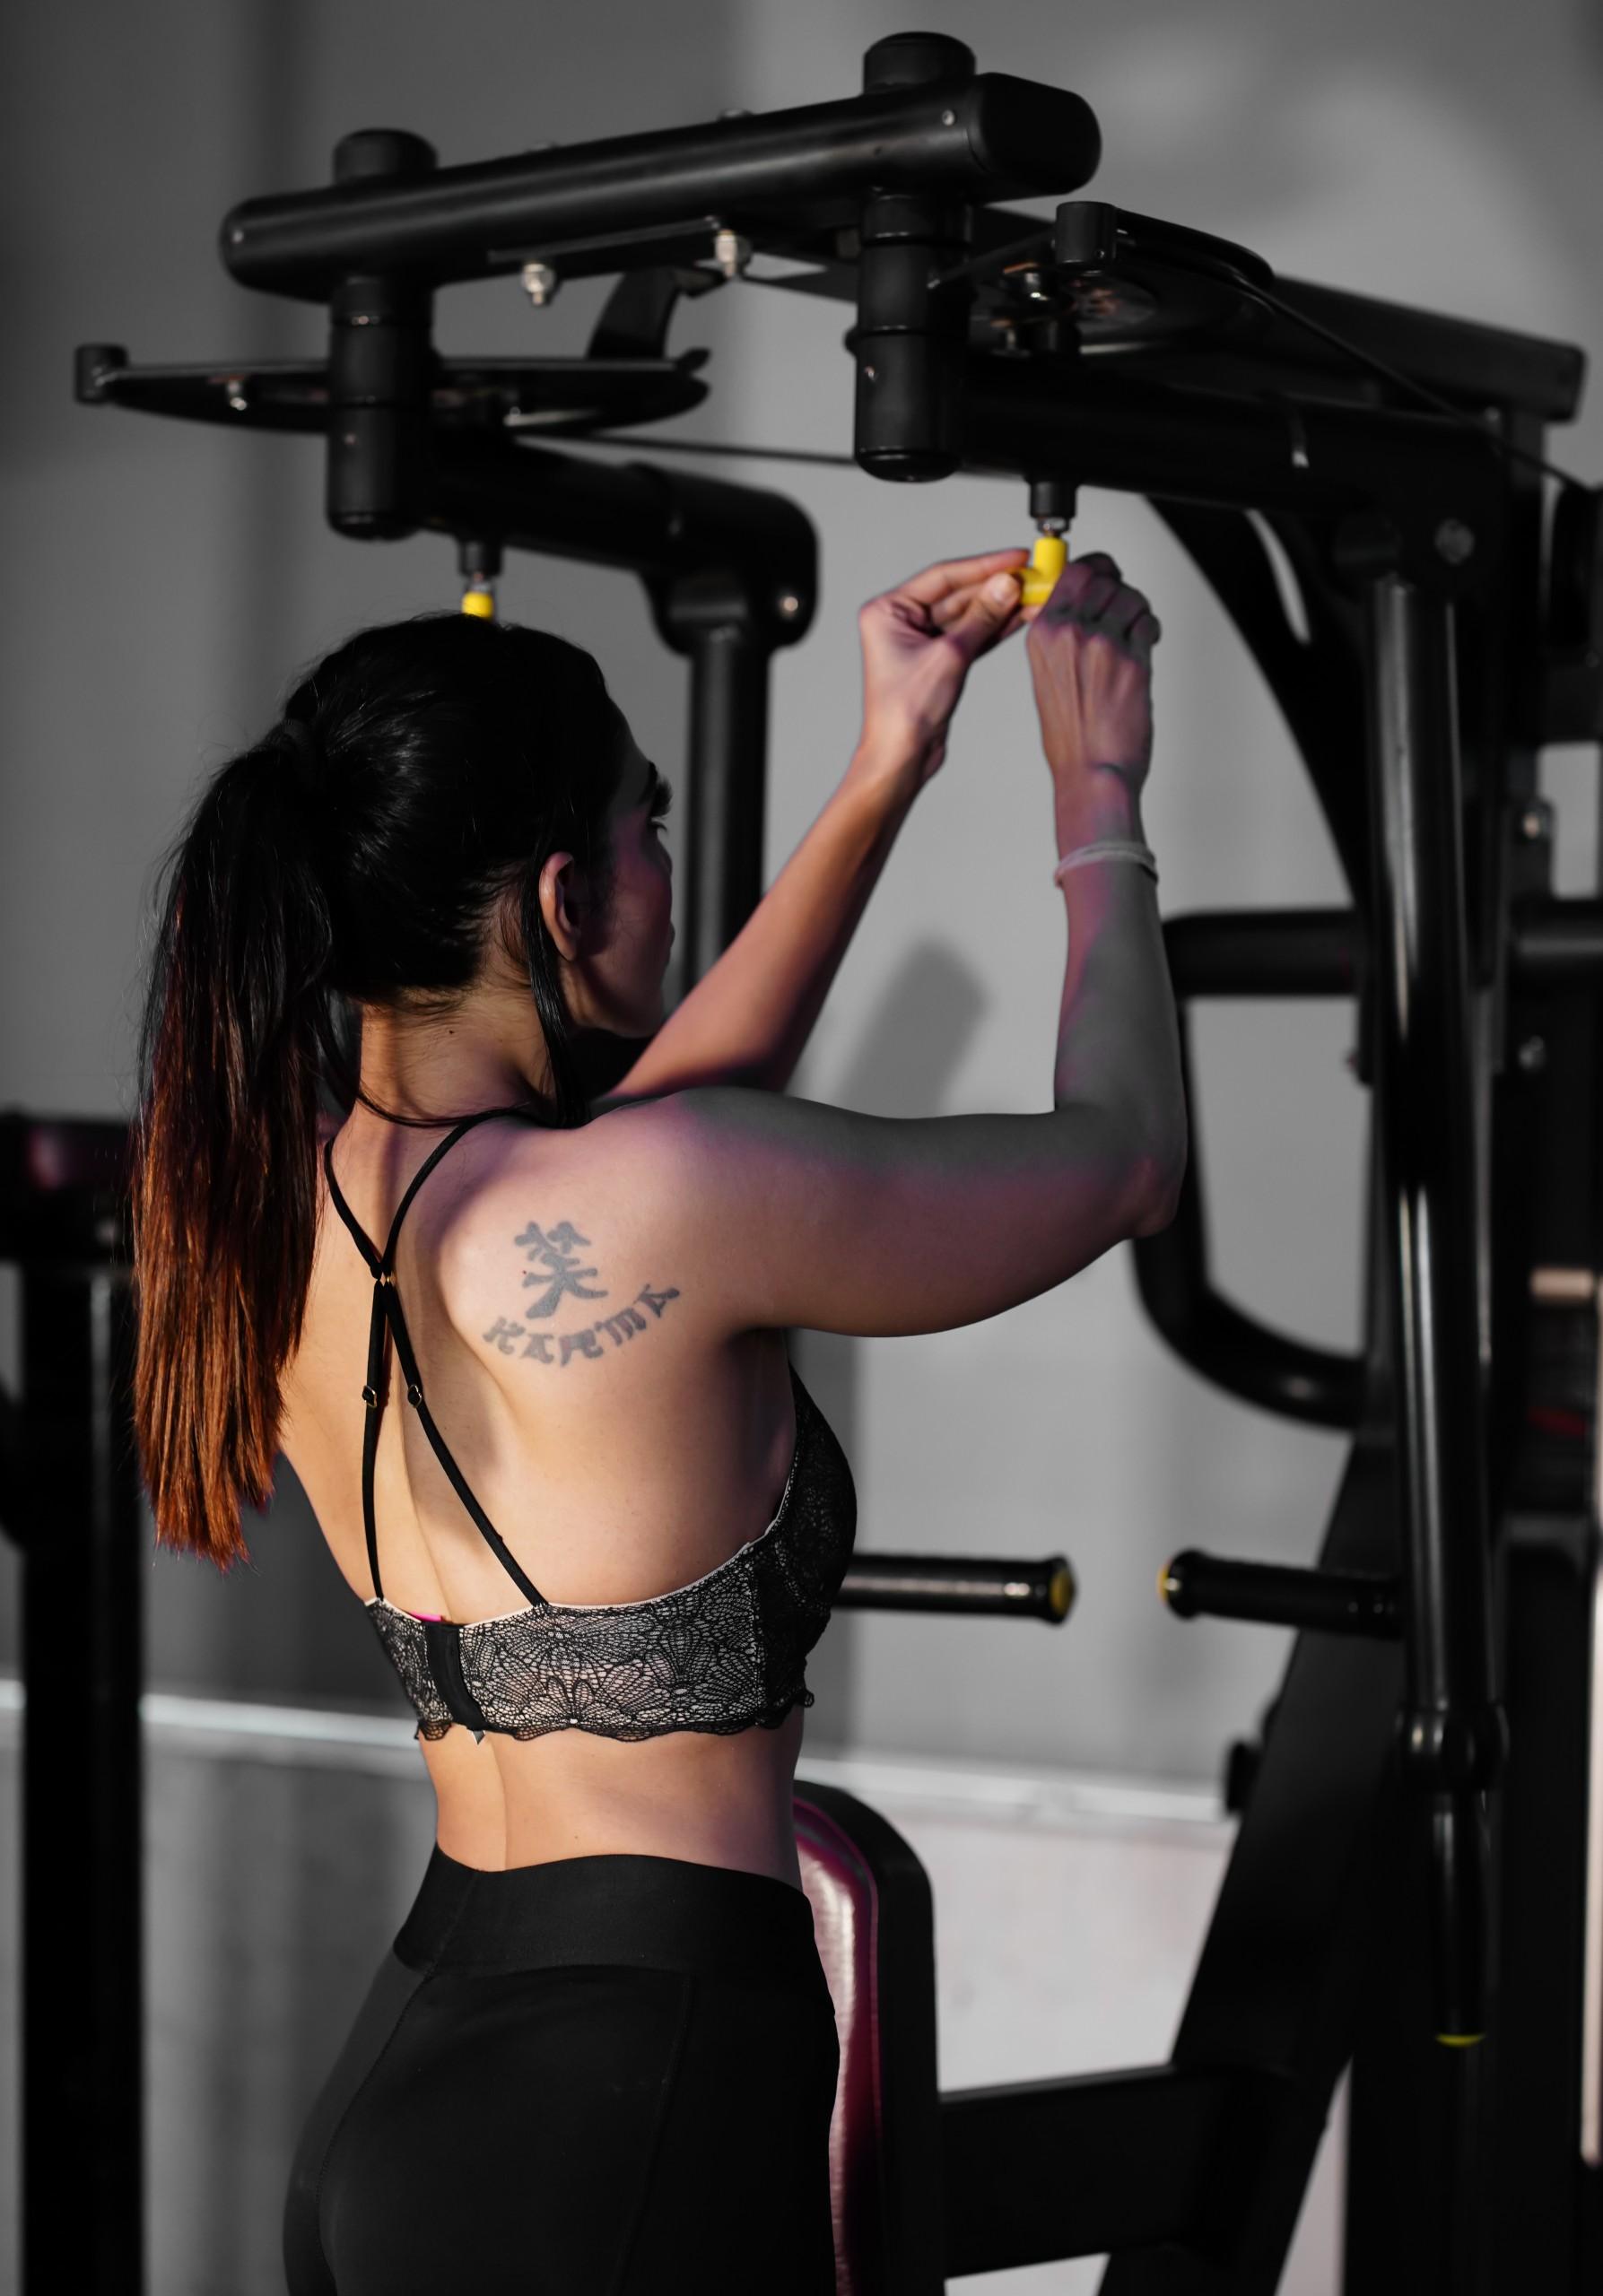 Female model in gym